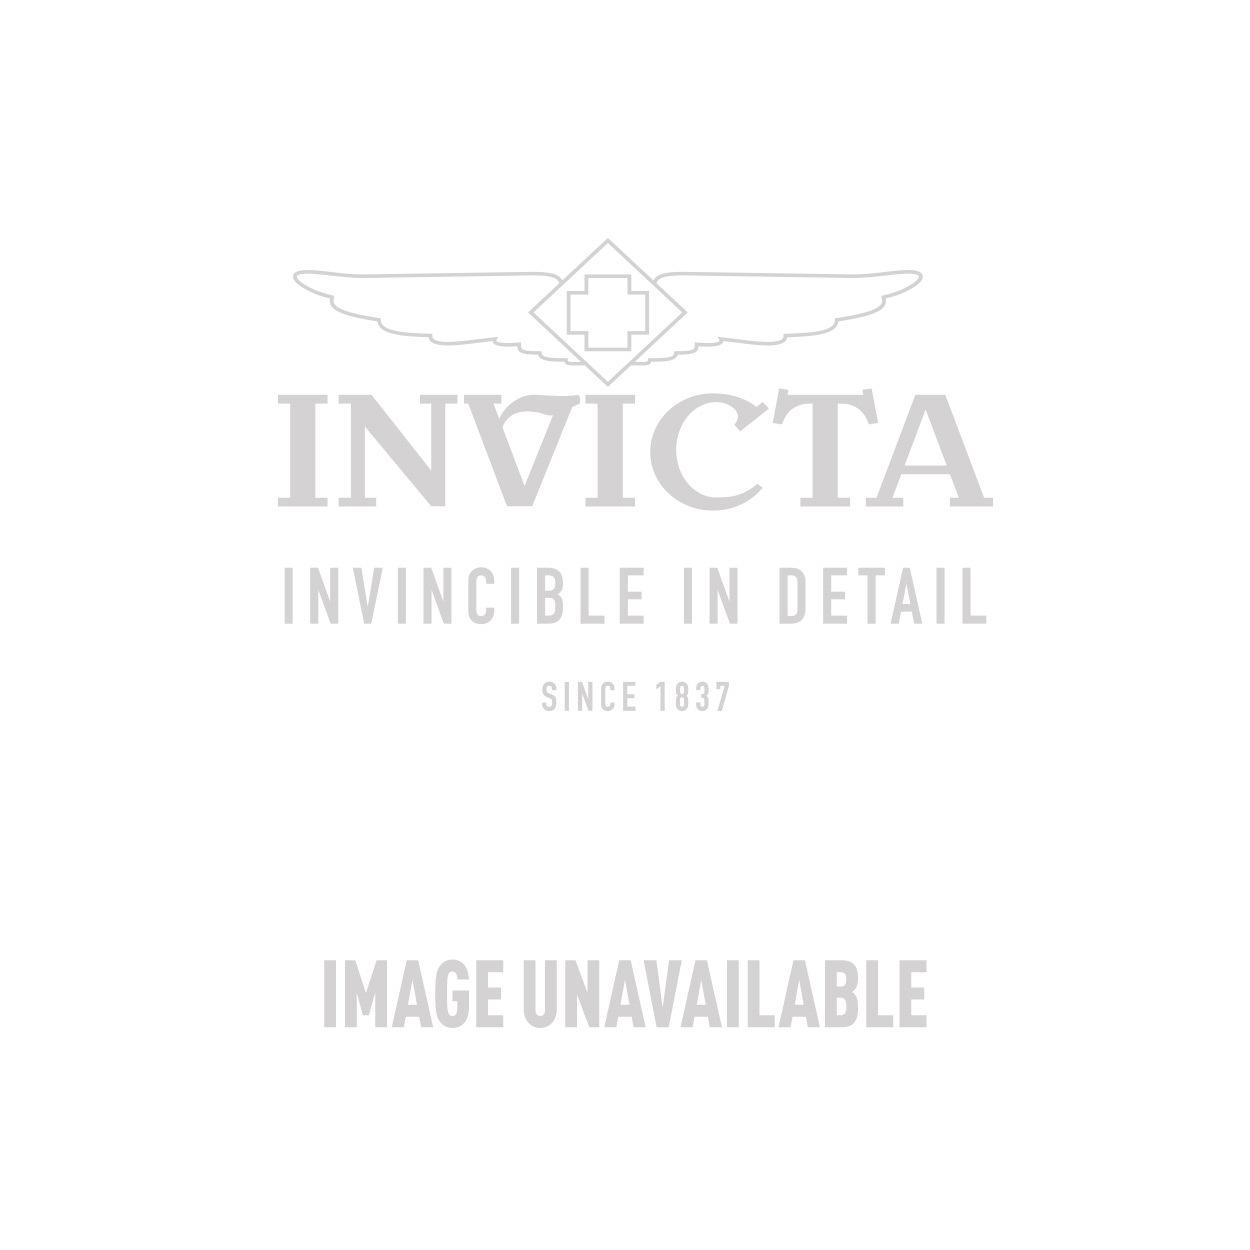 Invicta Model 25099